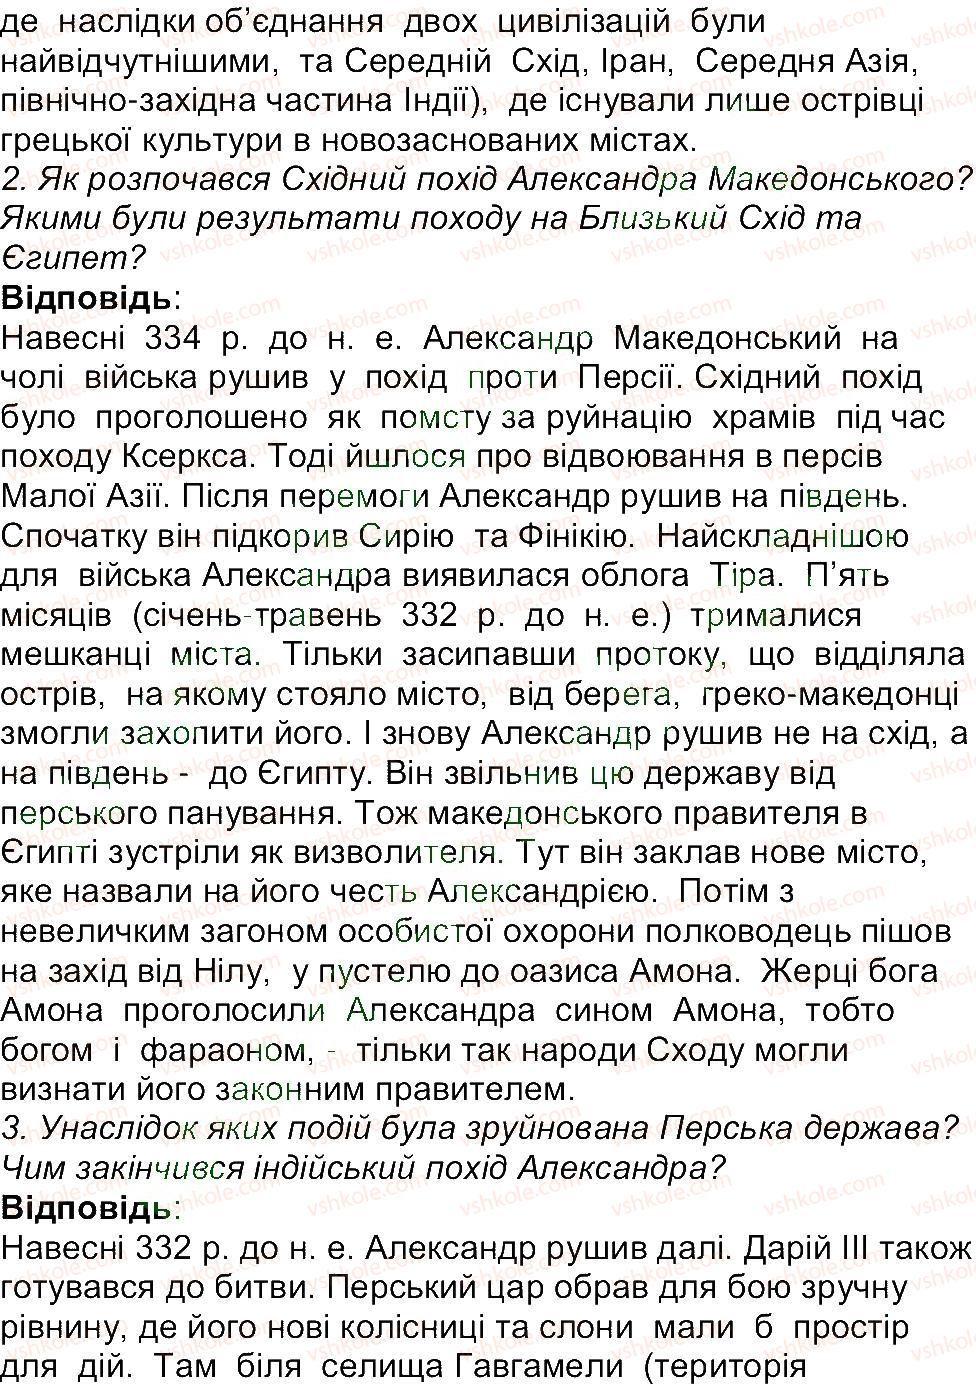 6-istoriya-og-bandrovskij-vs-vlasov-2014--storinki-143200-189-rnd9337.jpg